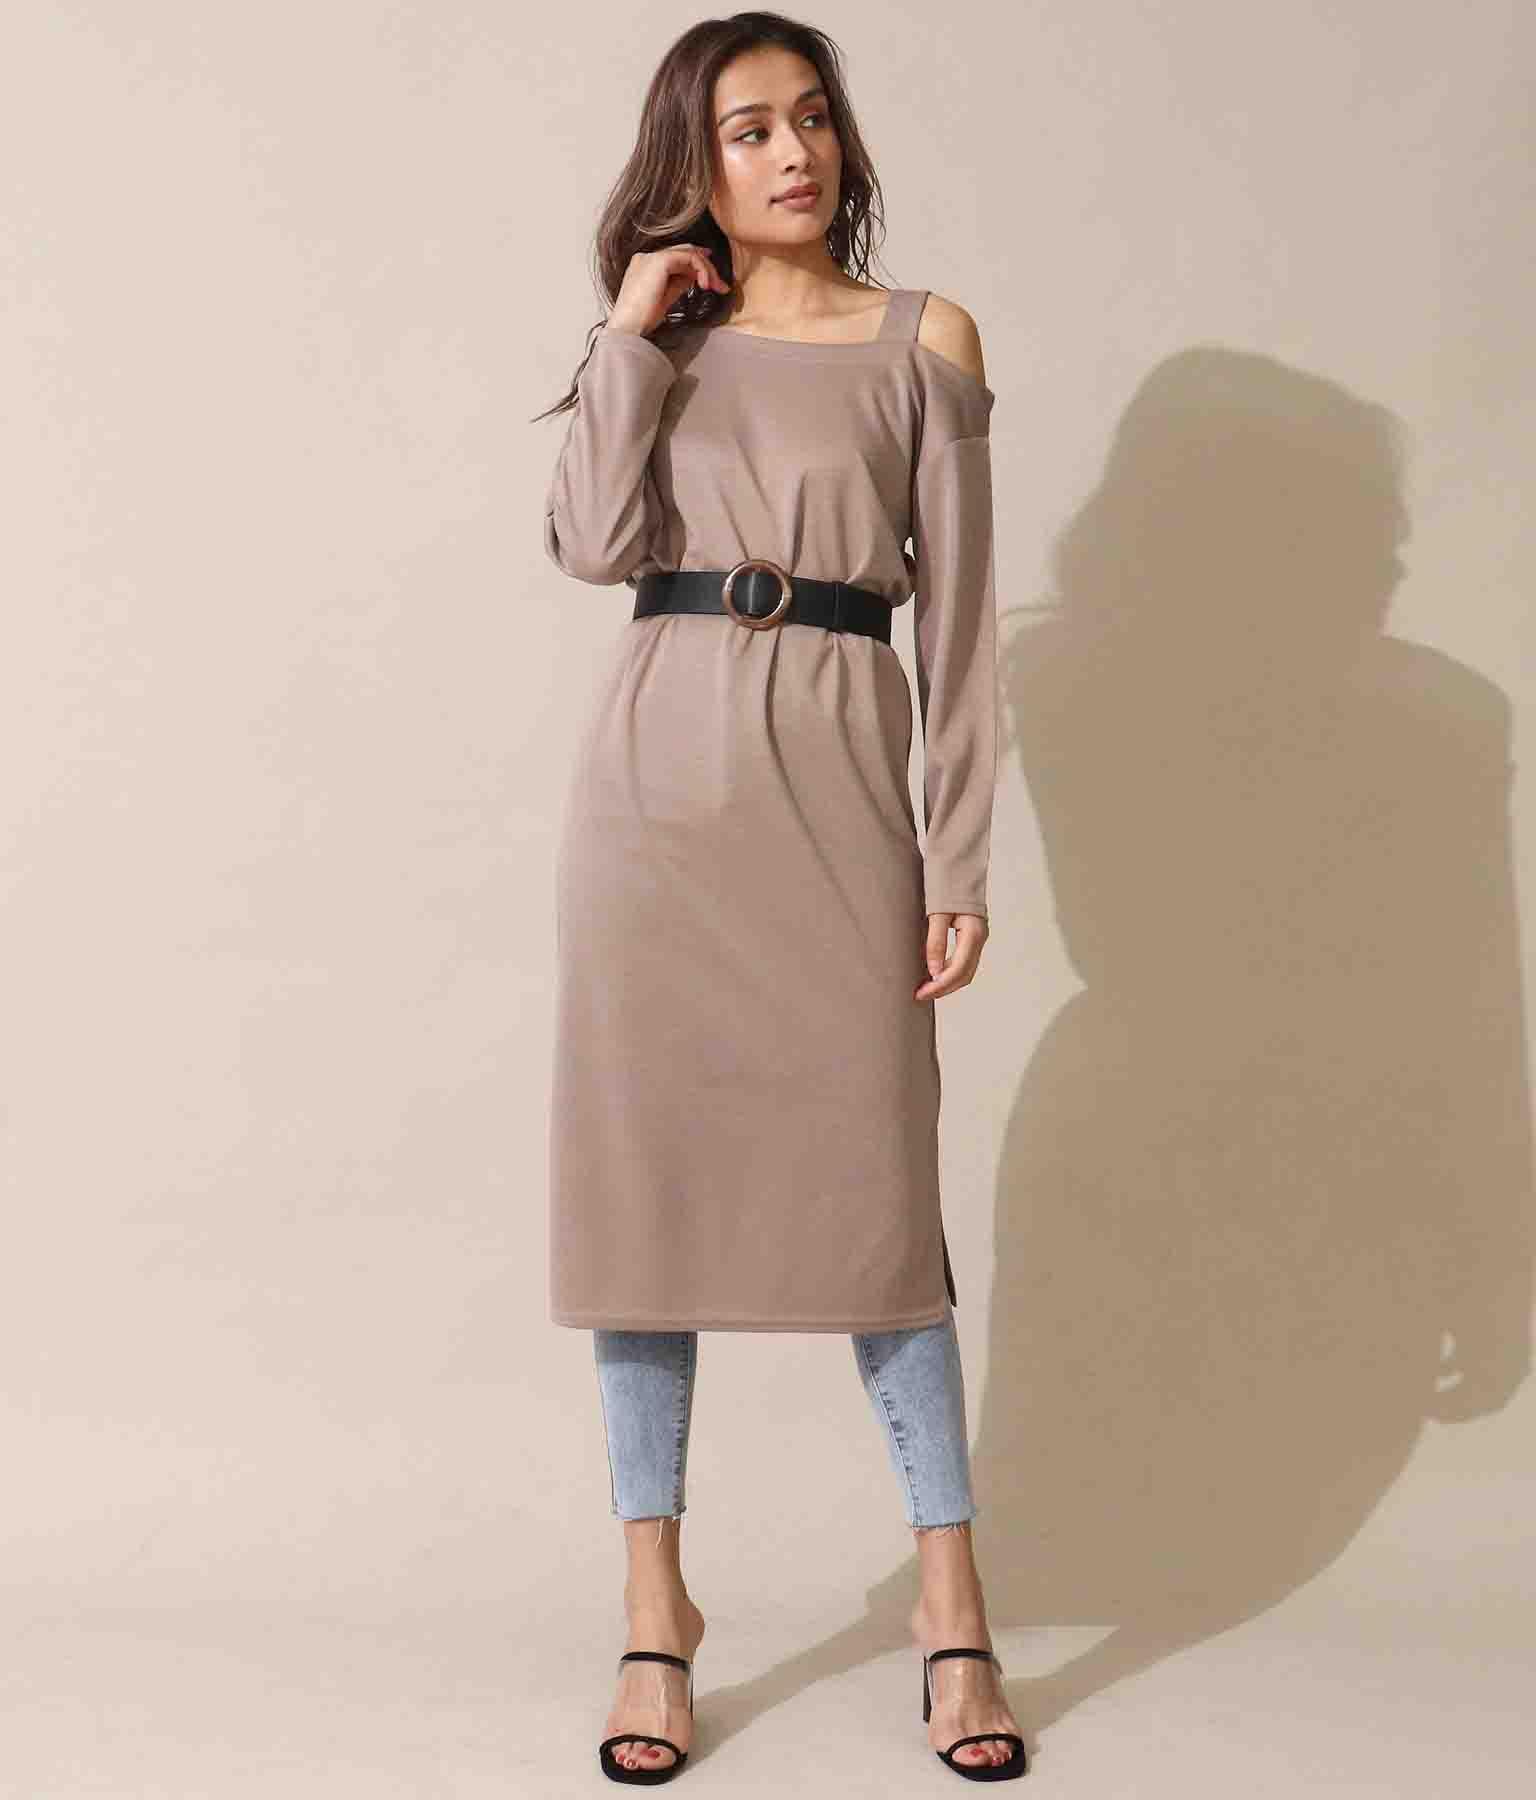 マーブルベッコウベルト(ファッション雑貨/ベルト) | ANAP